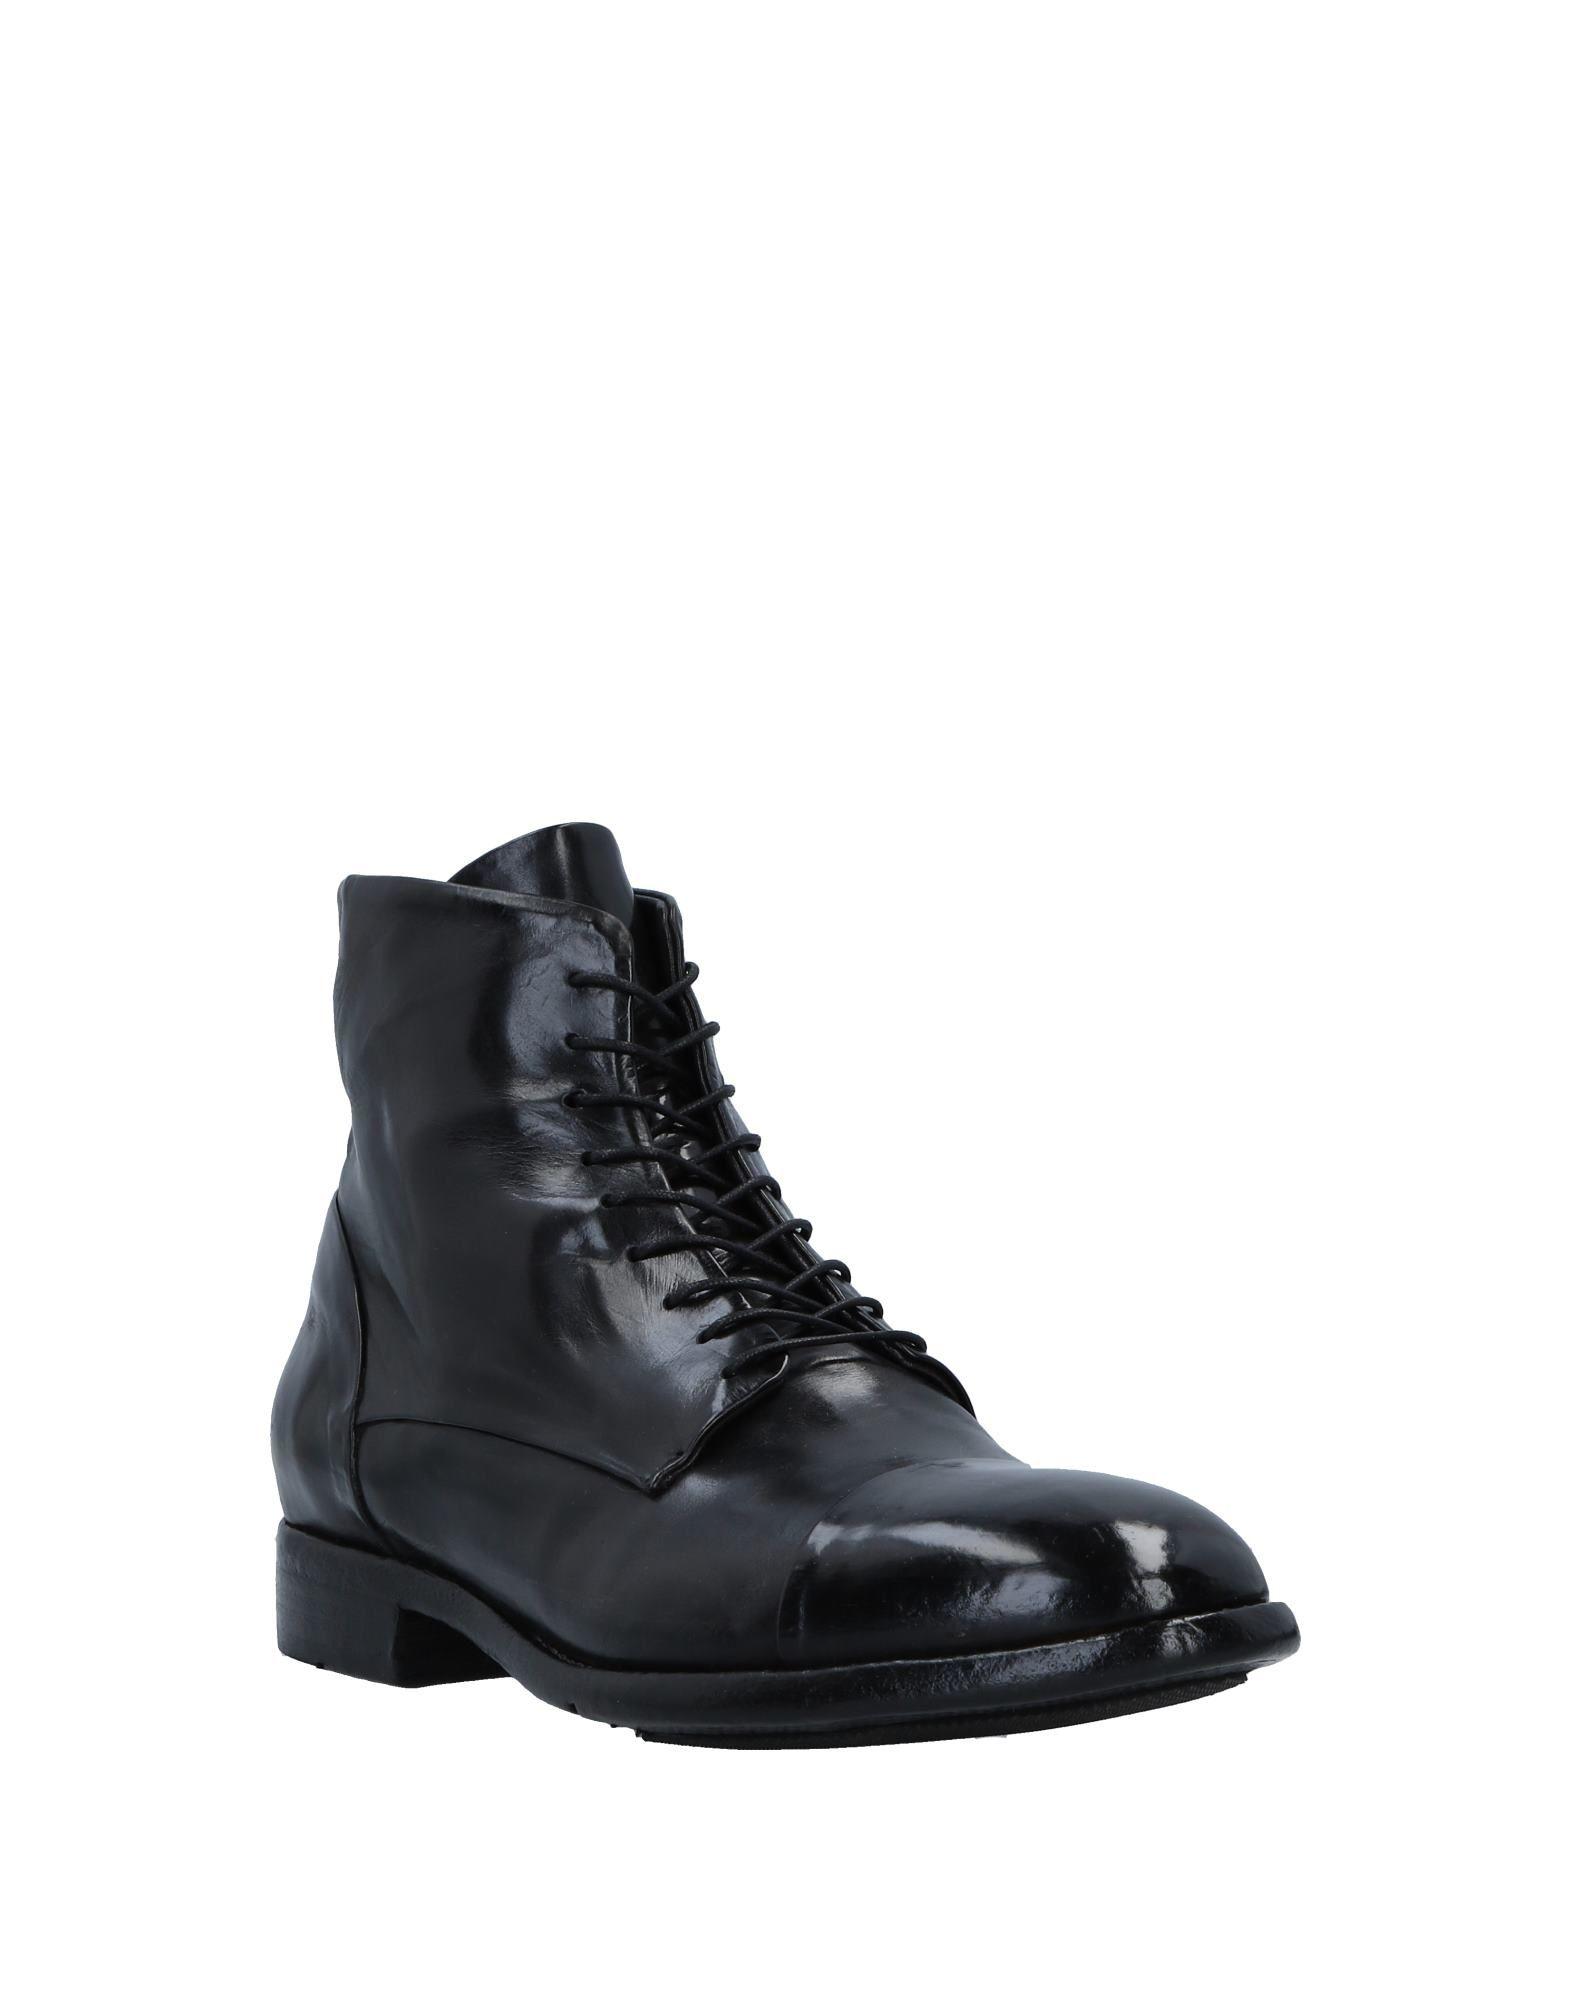 Lemargo Stiefelette Gute Herren  11533151FB Gute Stiefelette Qualität beliebte Schuhe 8cdd23